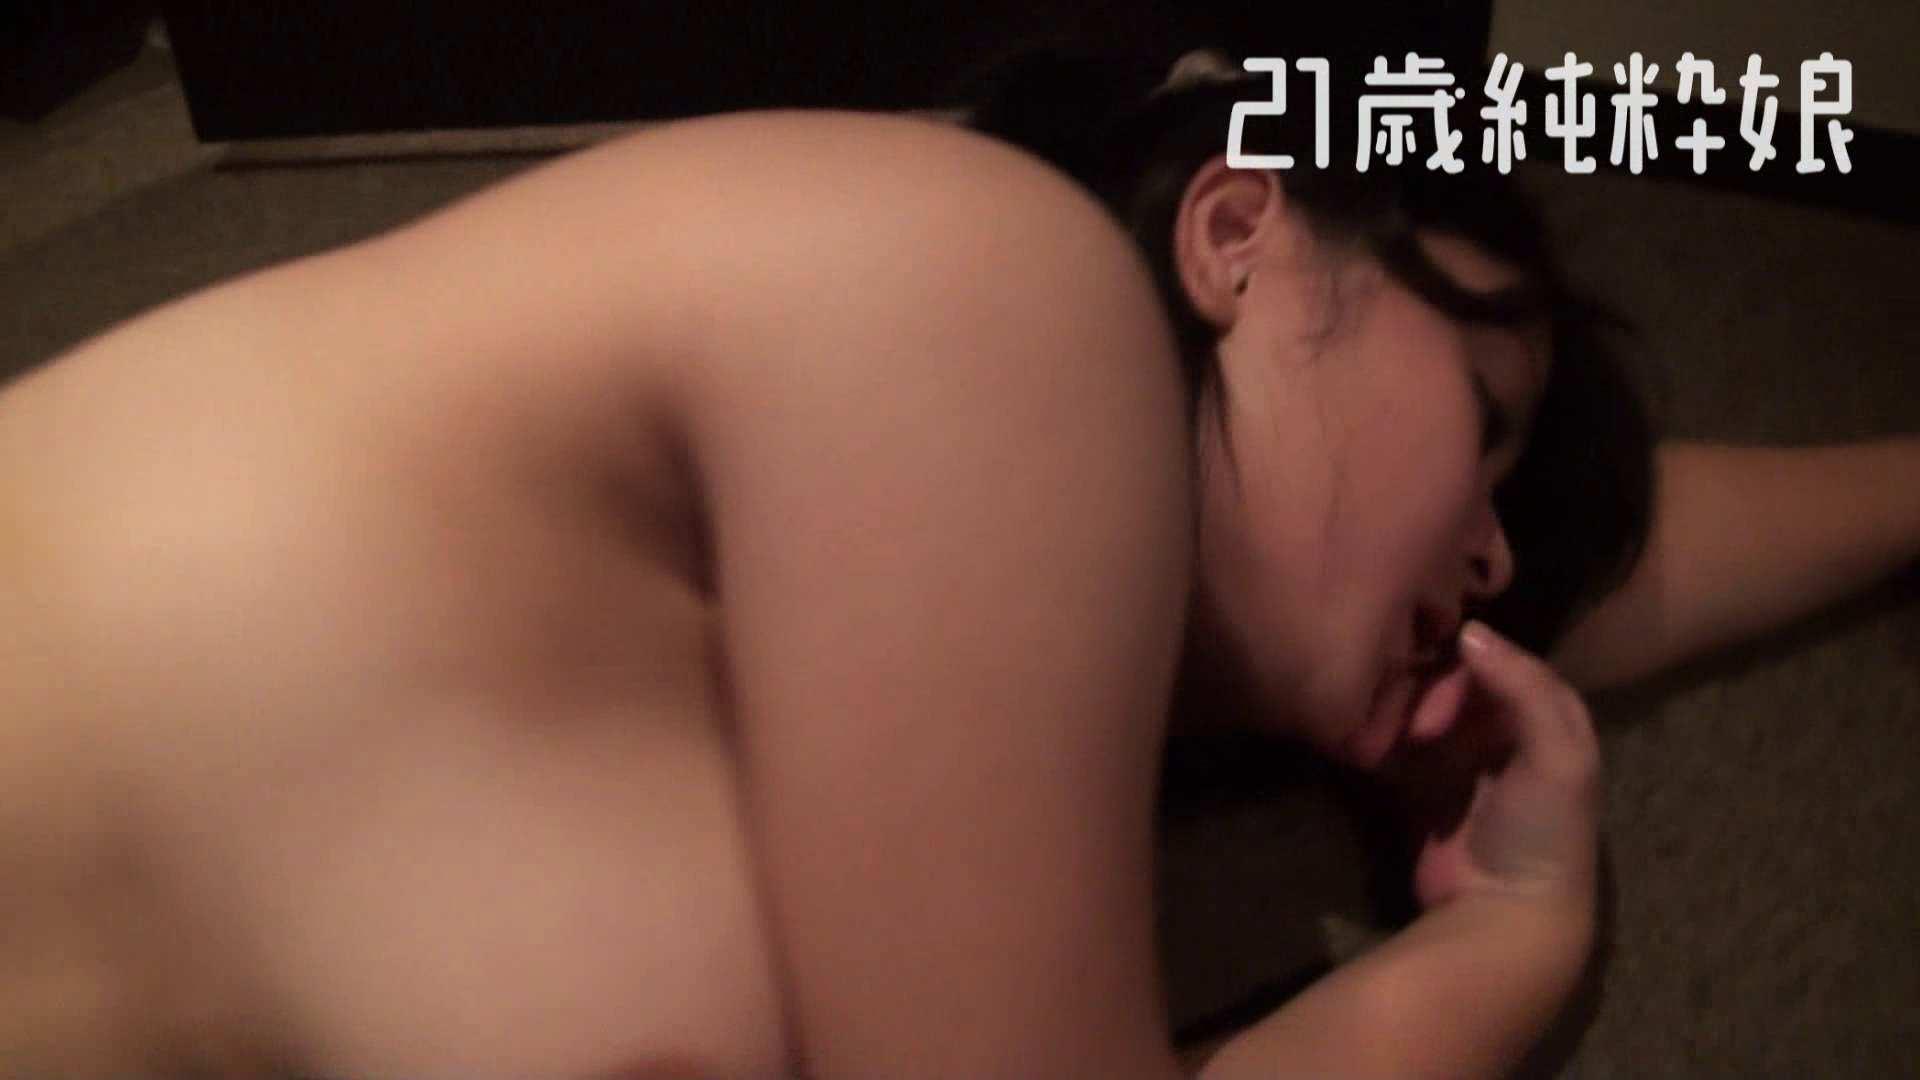 上京したばかりのGカップ21歳純粋嬢を都合の良い女にしてみた2 オナニー特集 | ギャル達のSEX  77画像 50